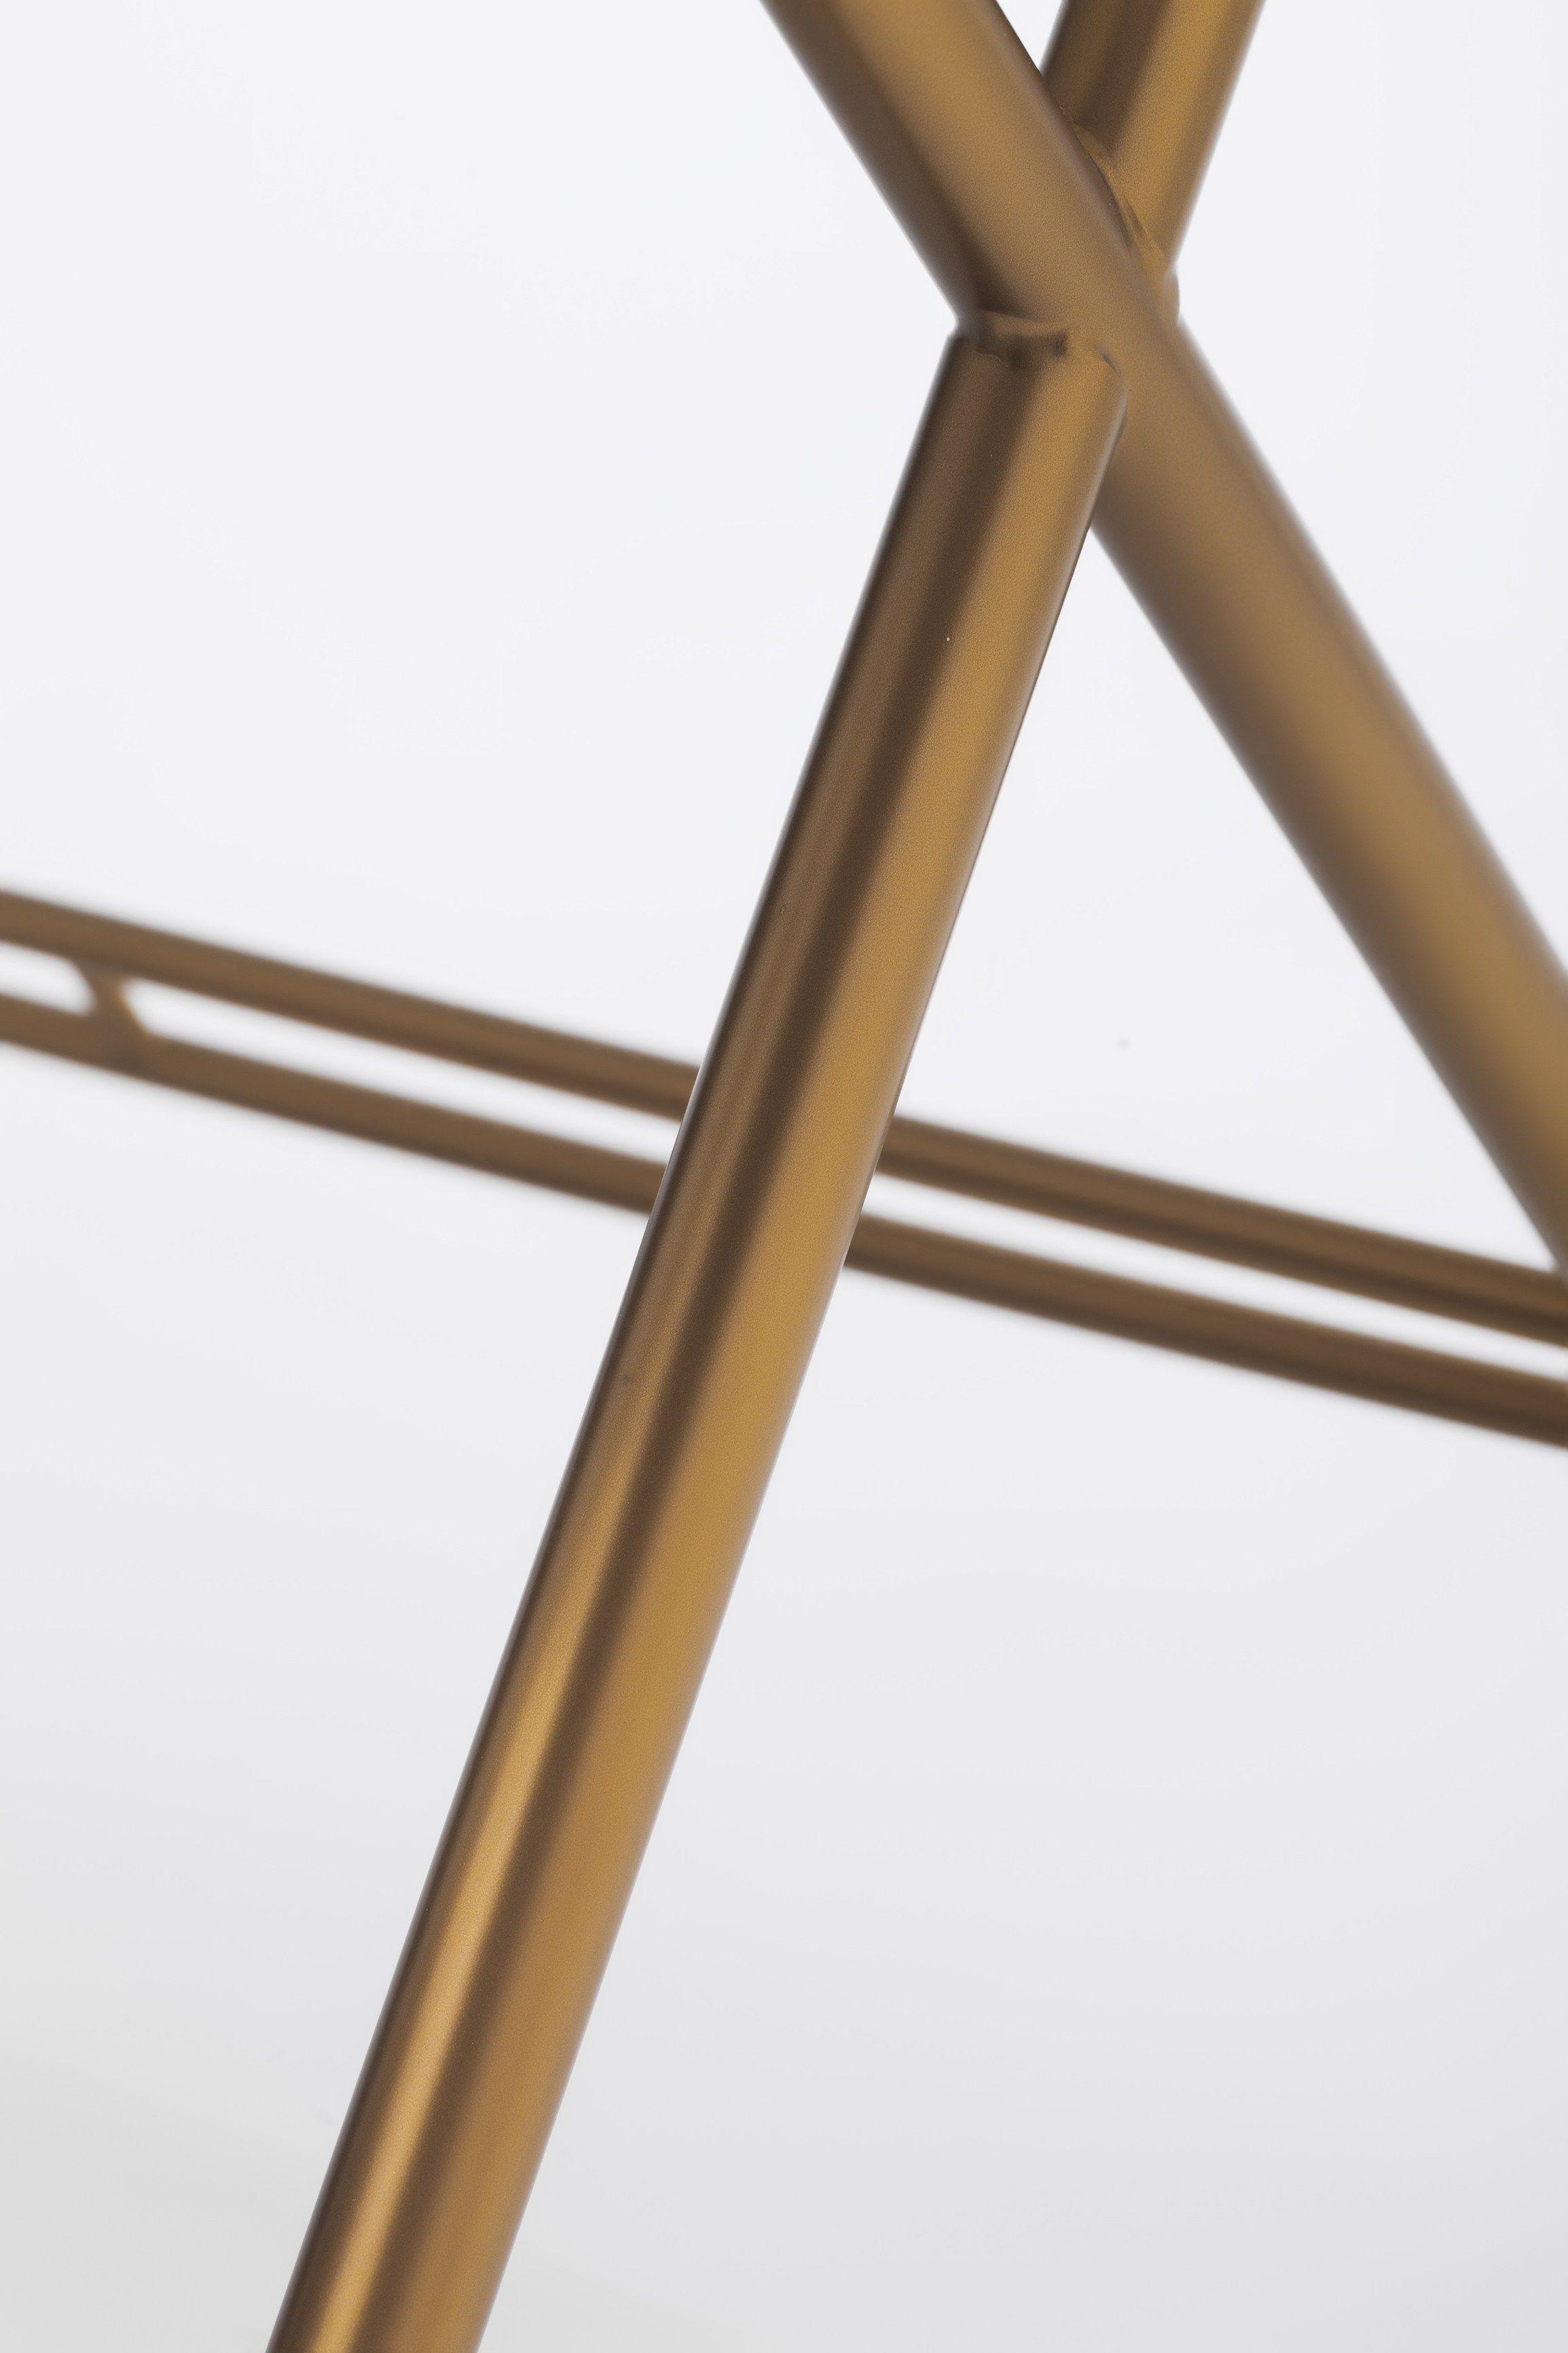 Schön Schreibtisch Aus MDF Mit Schubladen COSIMO GREY GLOSSY LACQUERED GOLD By  Adentro Design Marco Zanuso